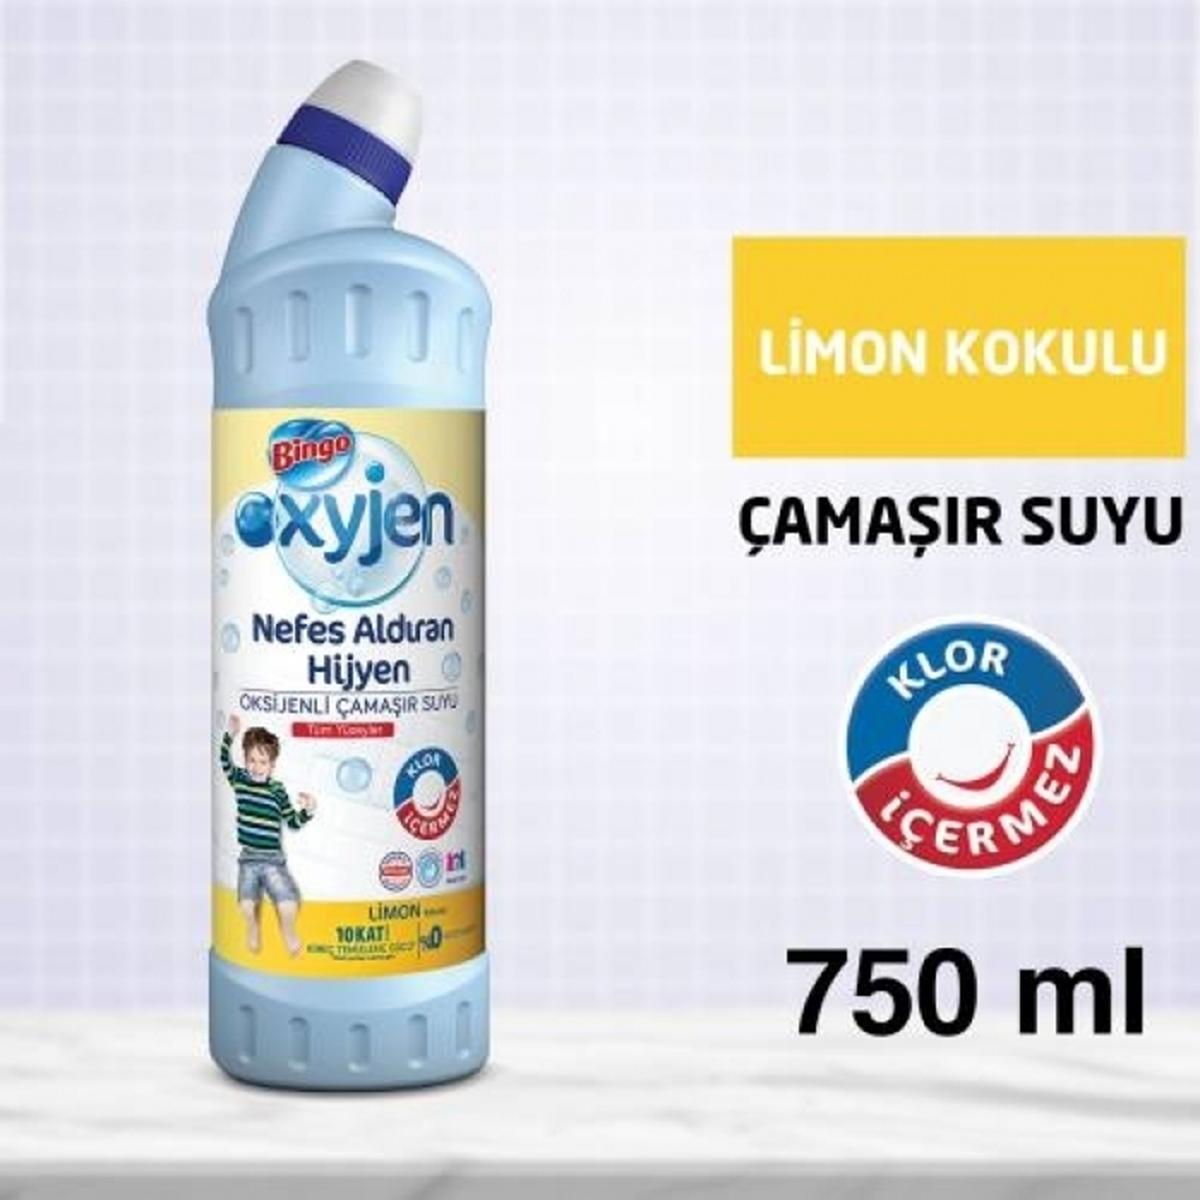 Bingo Oksijen Çamaşır Suyu 750ml 15'li Koli-Limon Kokulu resmi